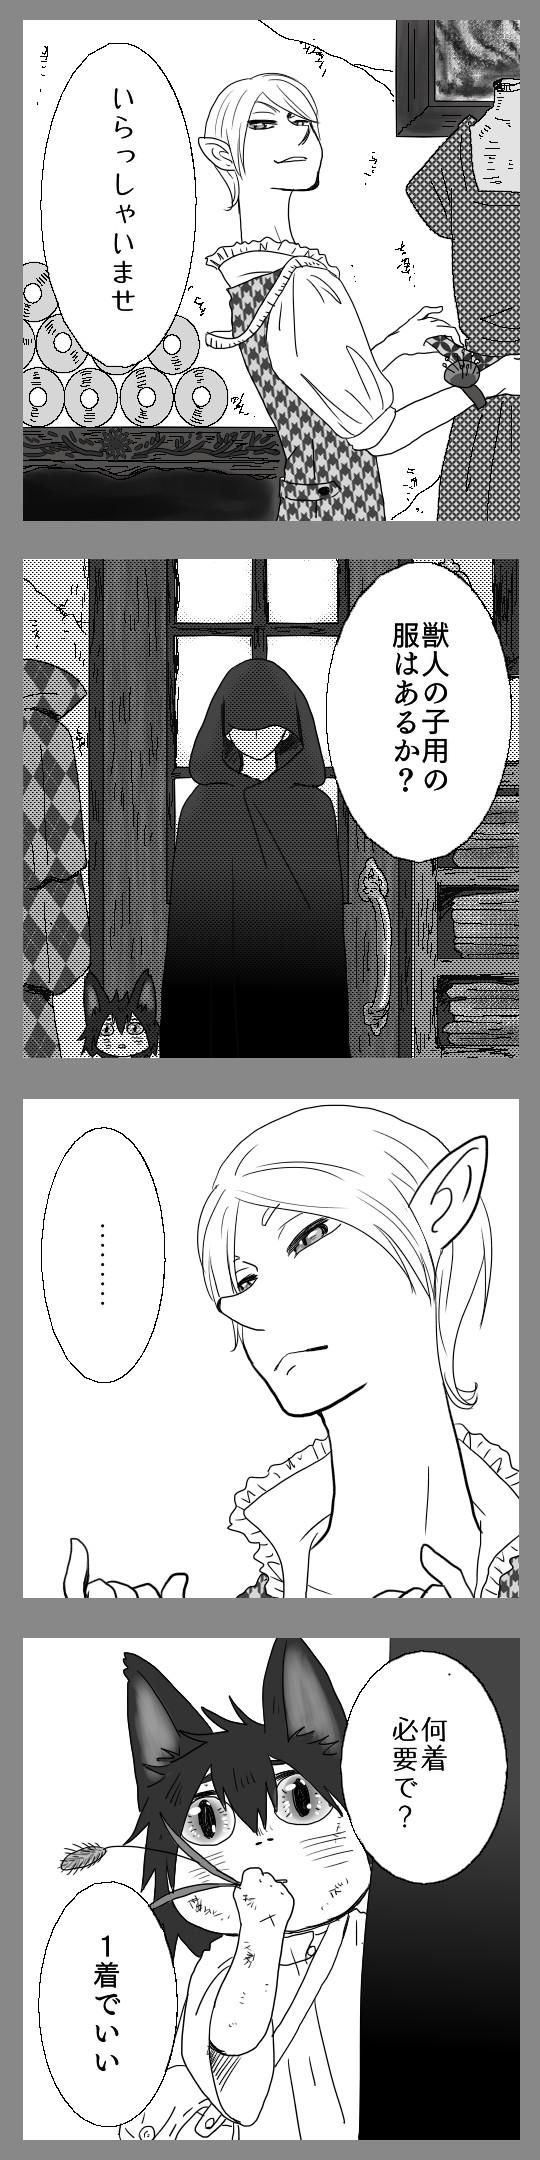 森の魔法使いと獣人の子79